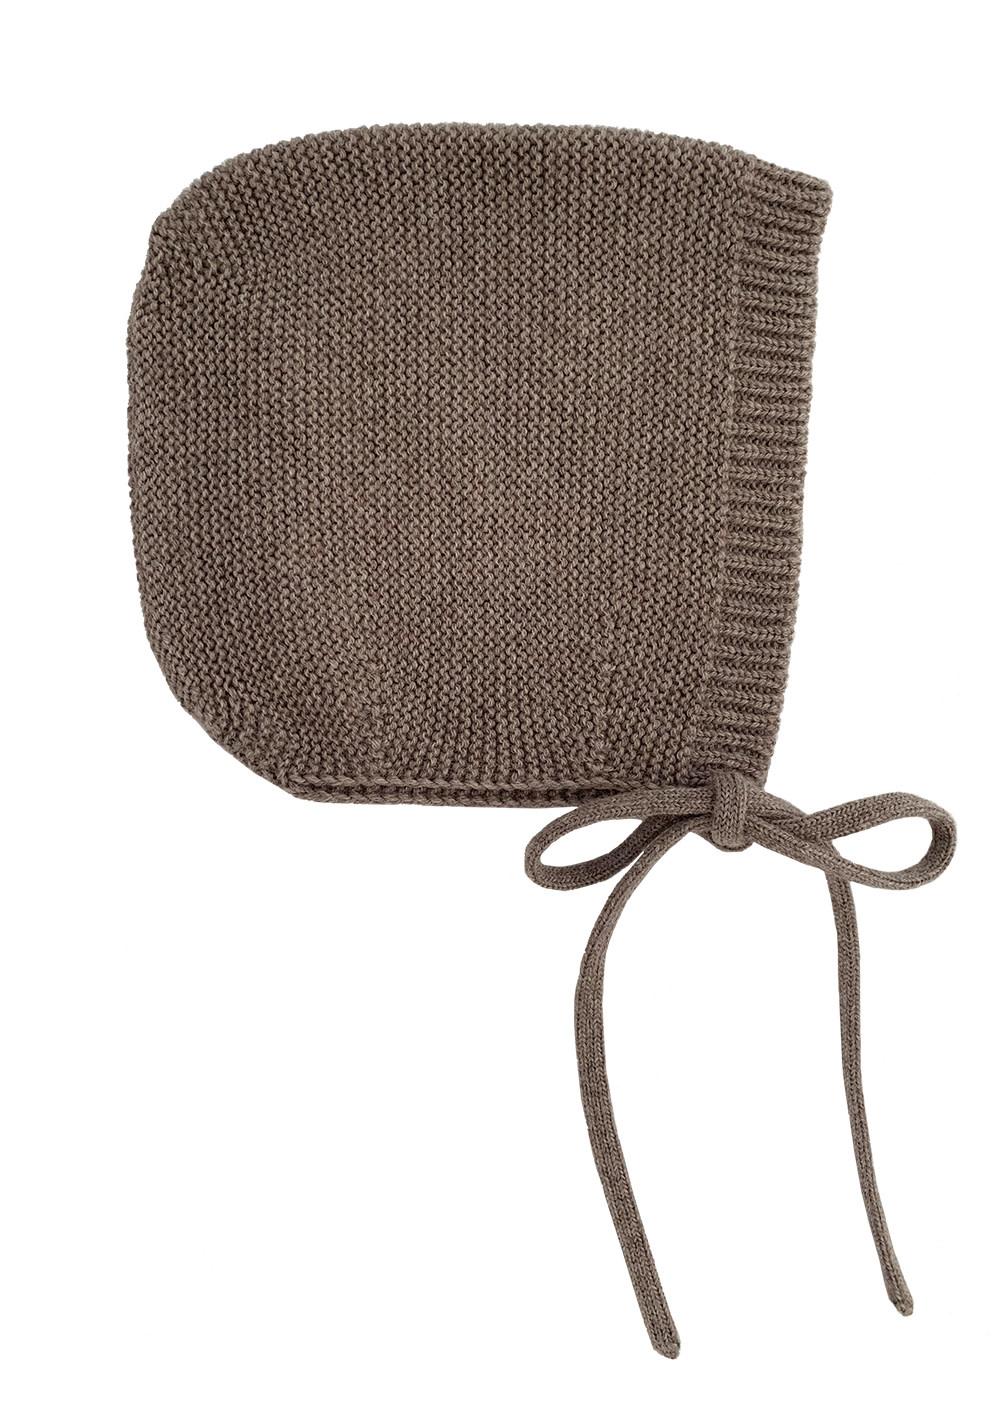 Bonnet dolly otter-4